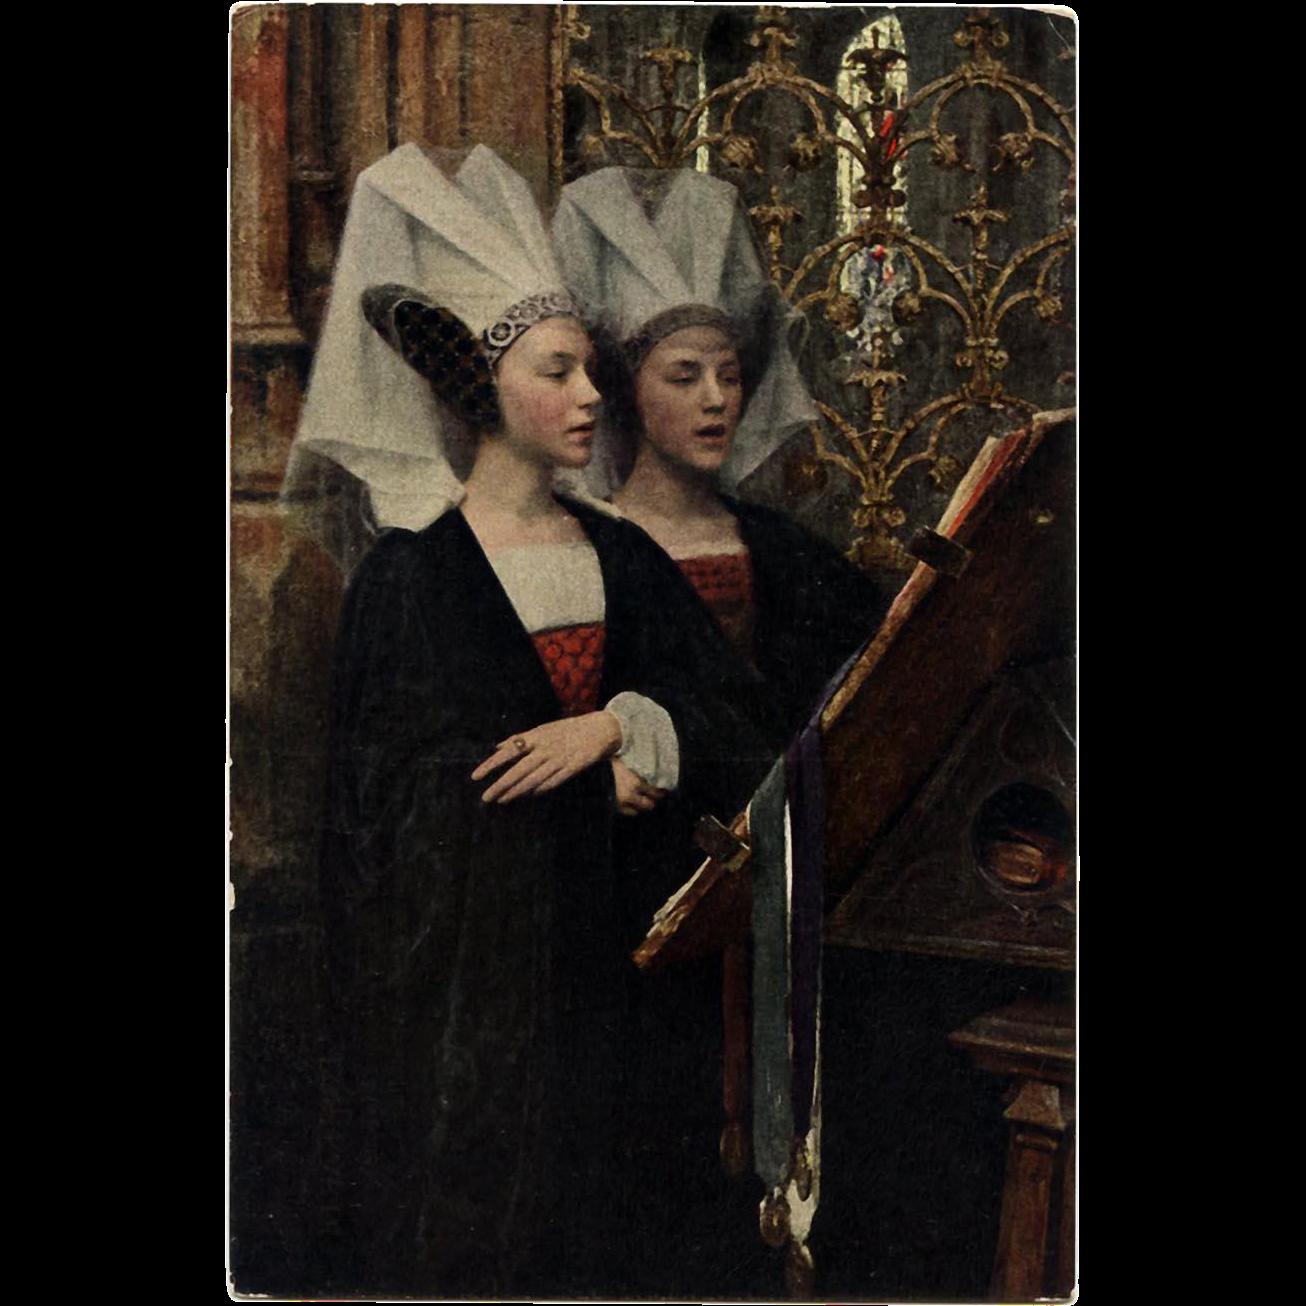 Book of Peace Paris Salon 1913 Edgard Maxence Antique French  Religious Postcard